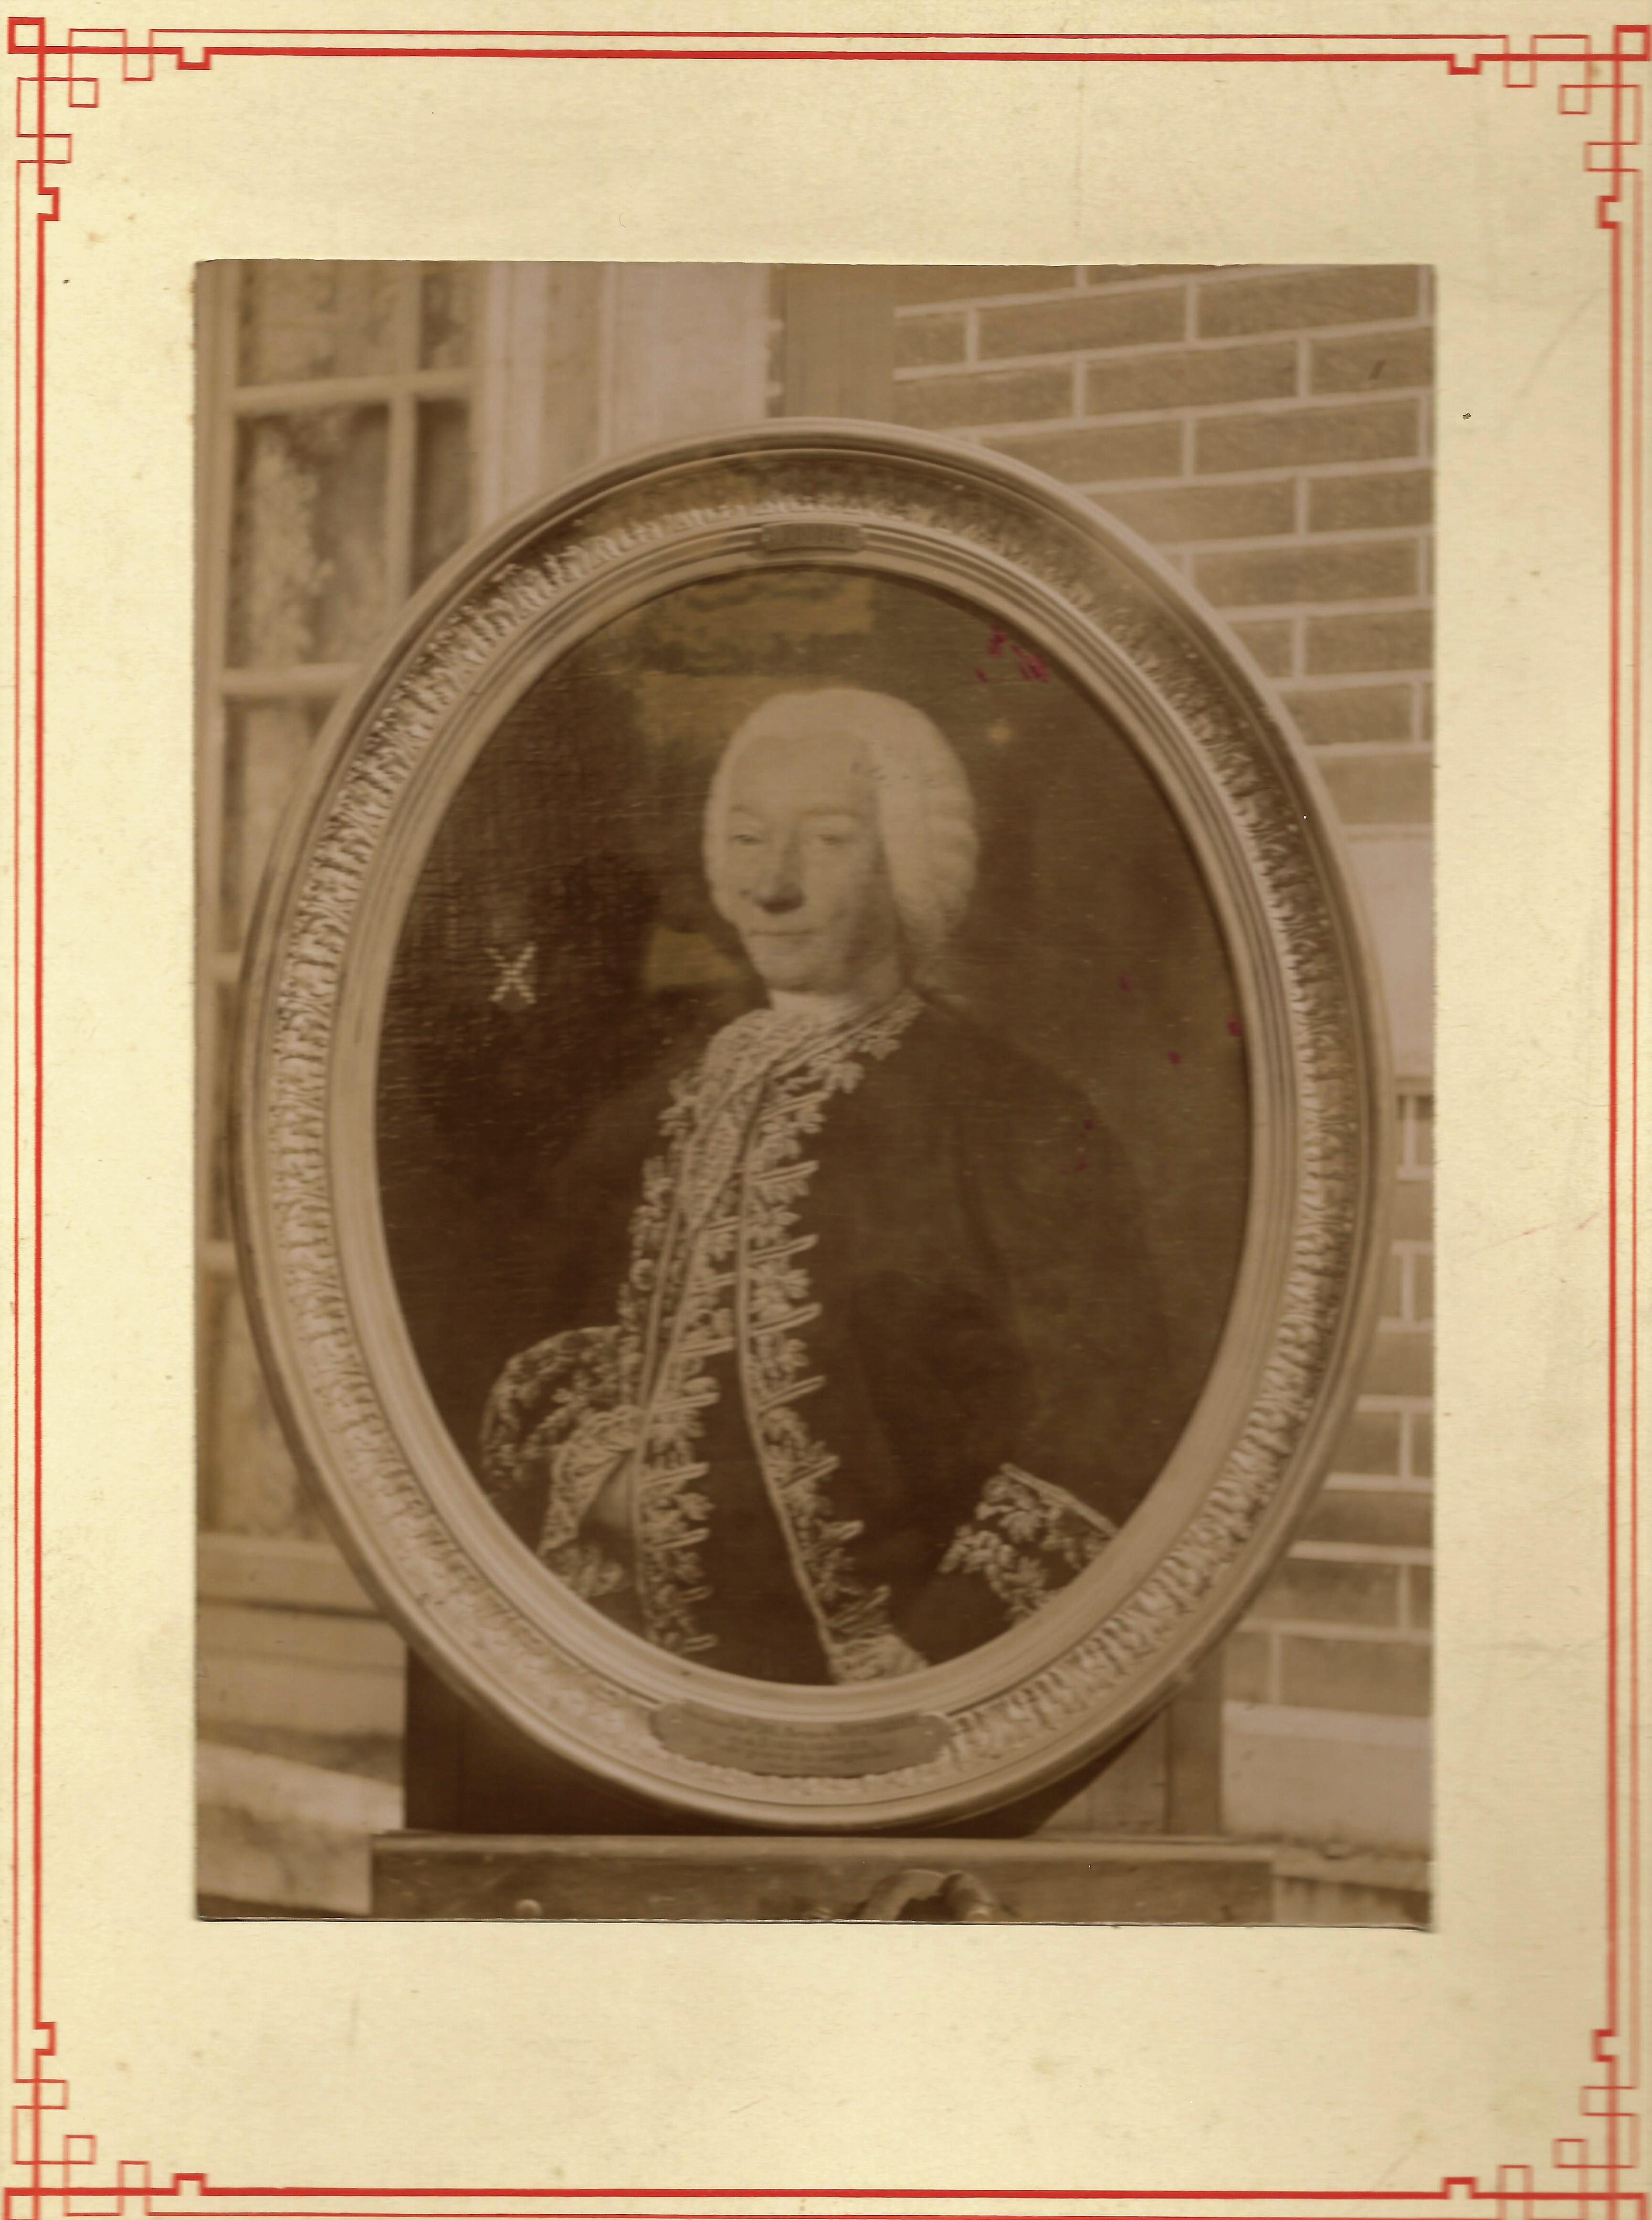 1701-1786 Jean Antoine Duvidal 1er Marquis par Tocque coll Gladysz